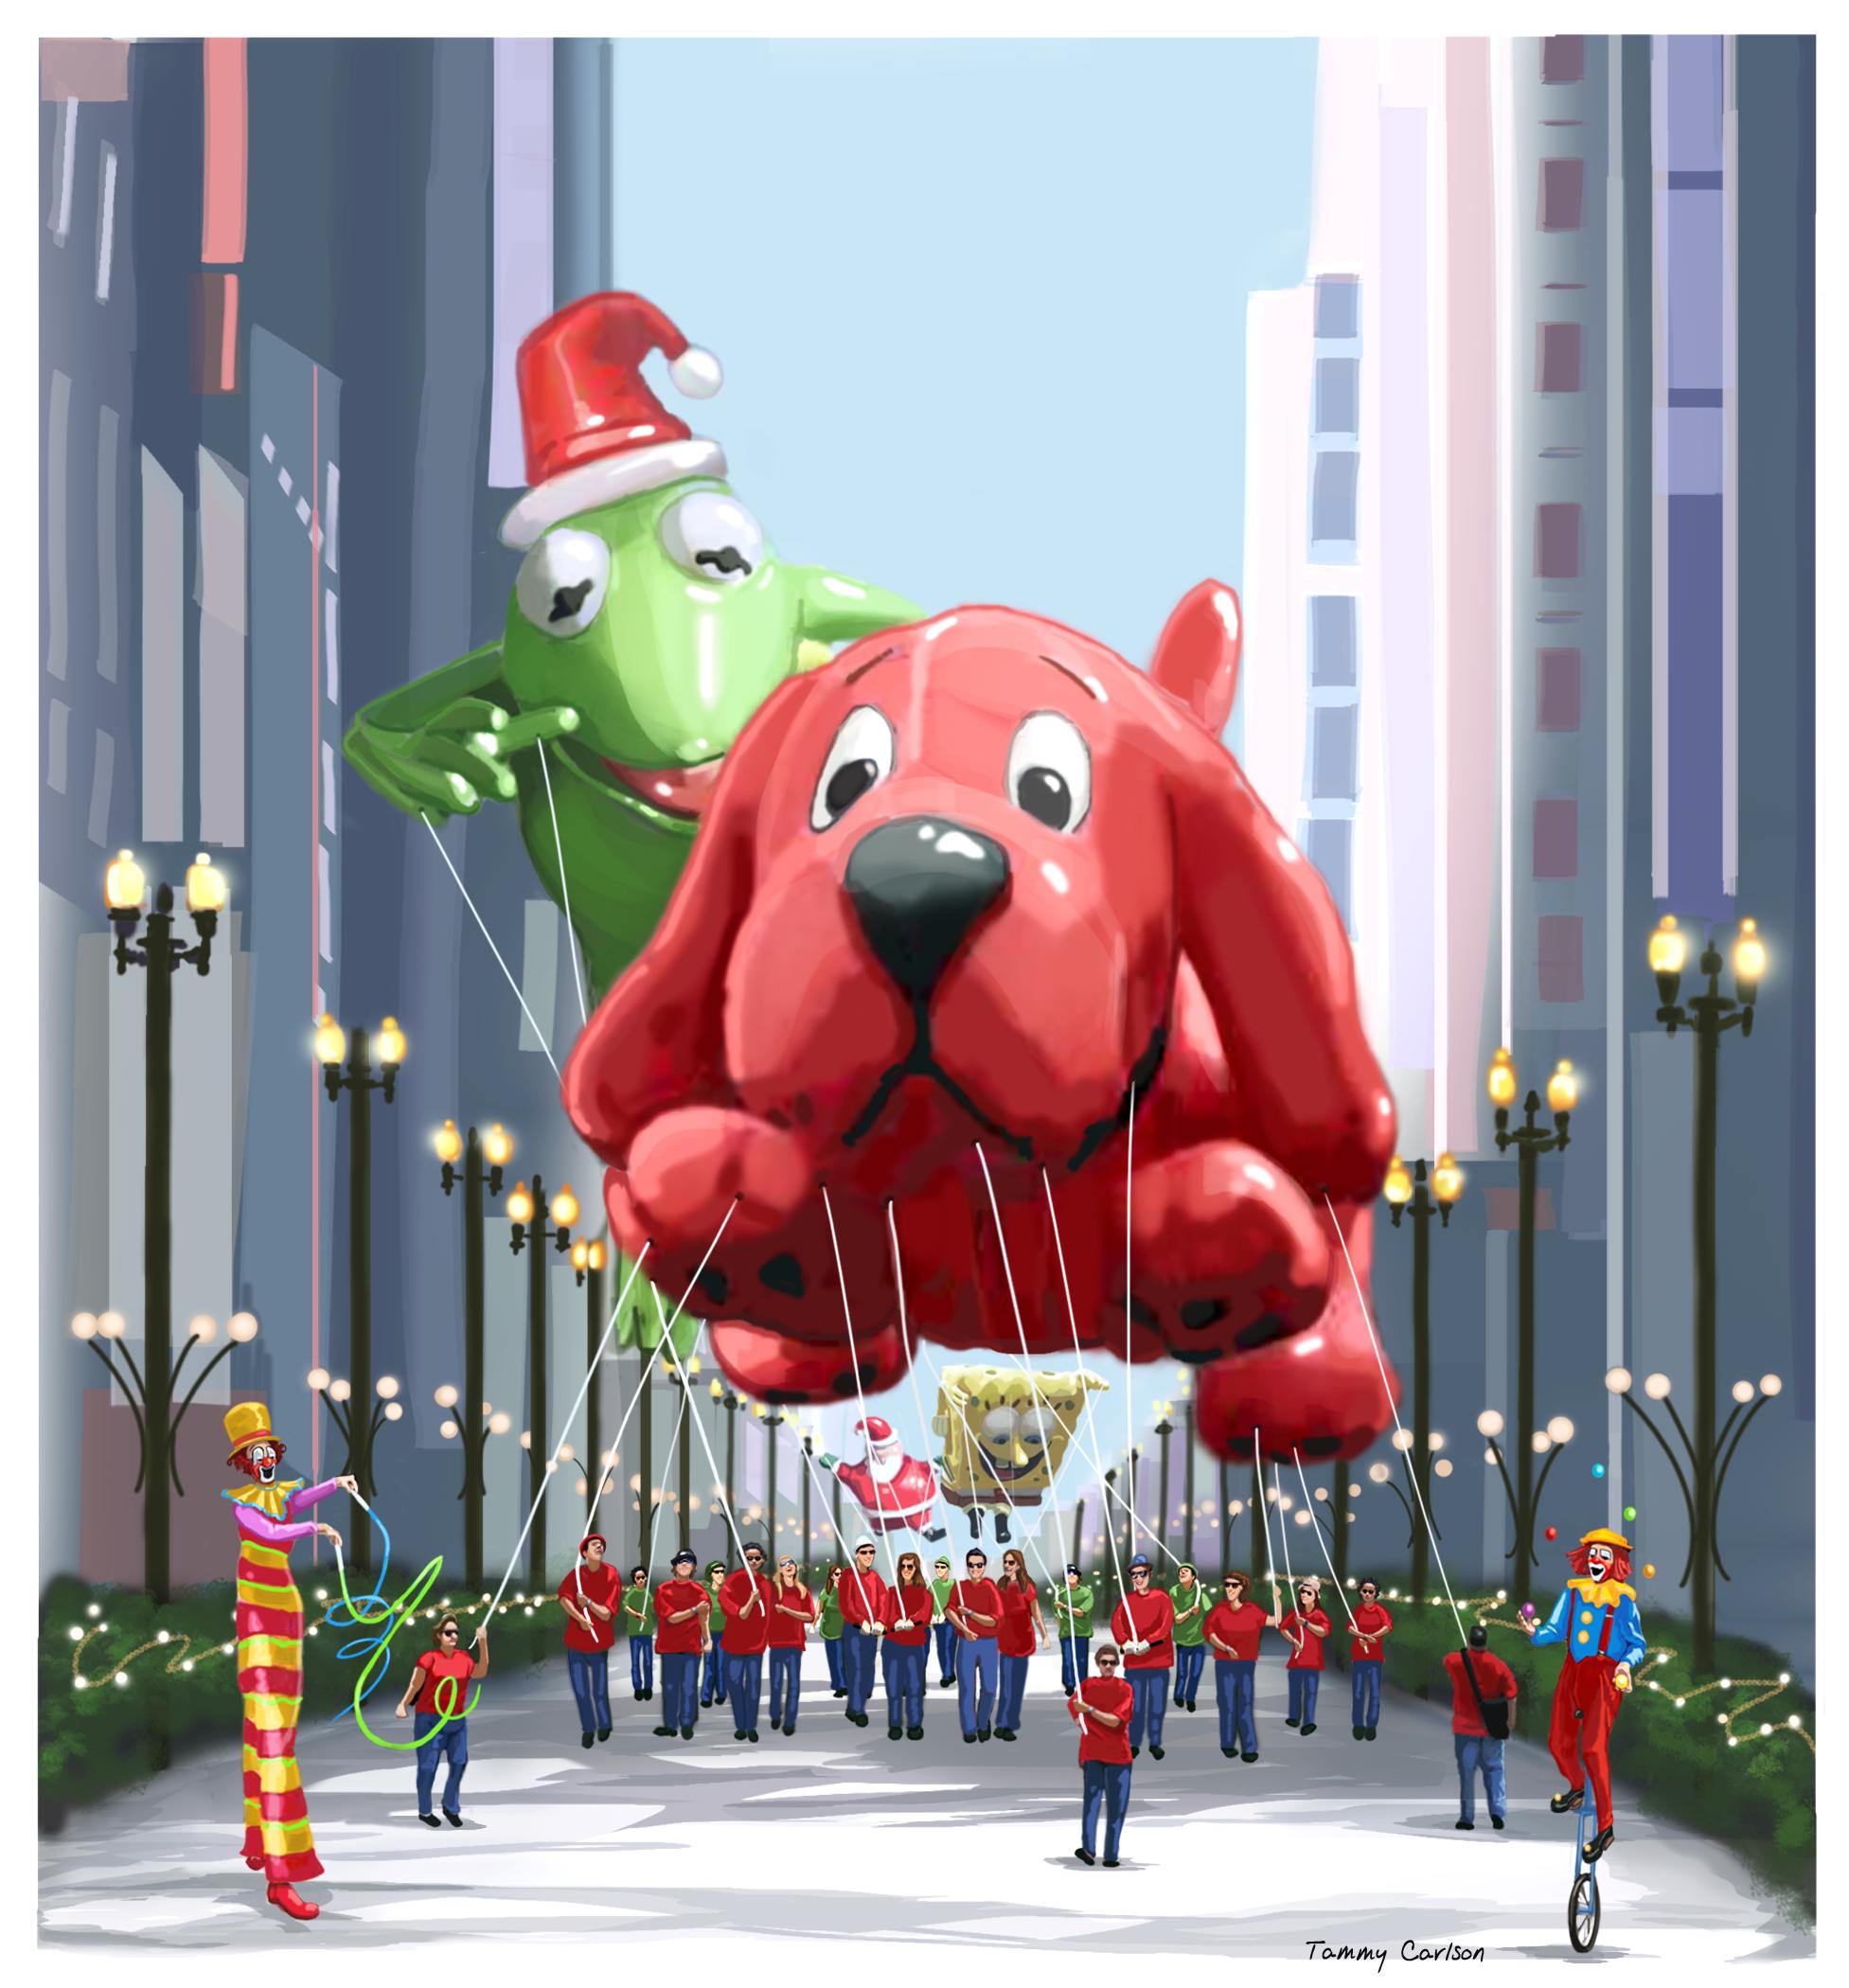 A Christmas Parade